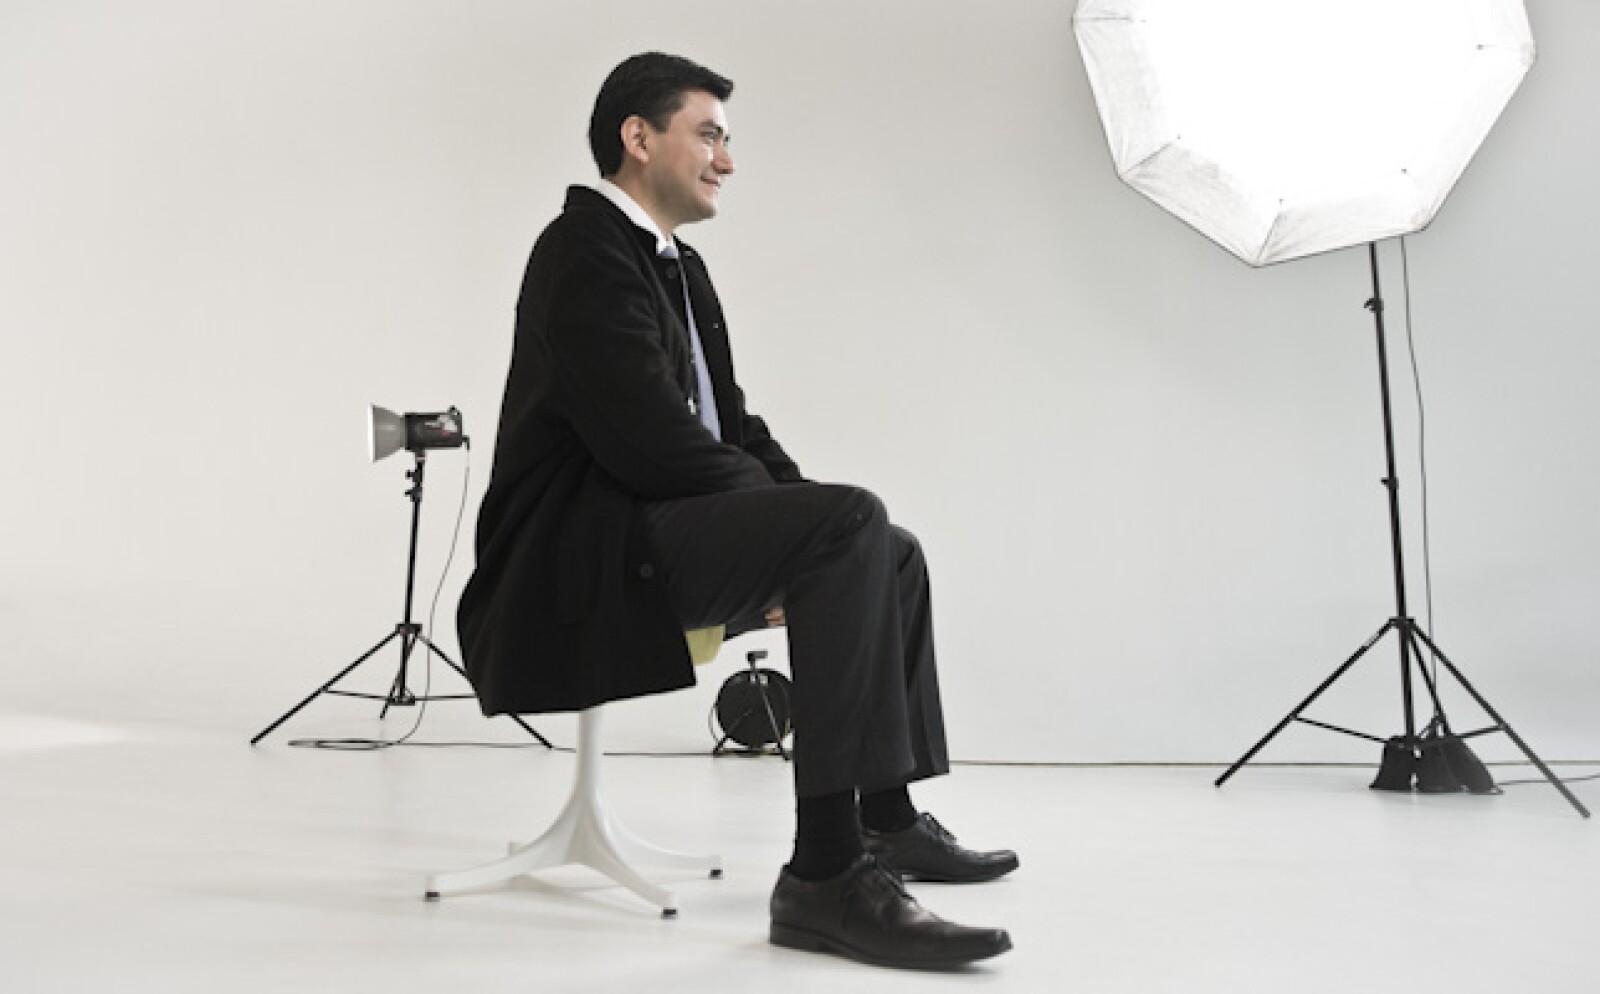 Alejandro Hernández, director de Sferea visitó las instalaciones de la revista Expansión al ser nombrado finalista de Emprendedores 2014.